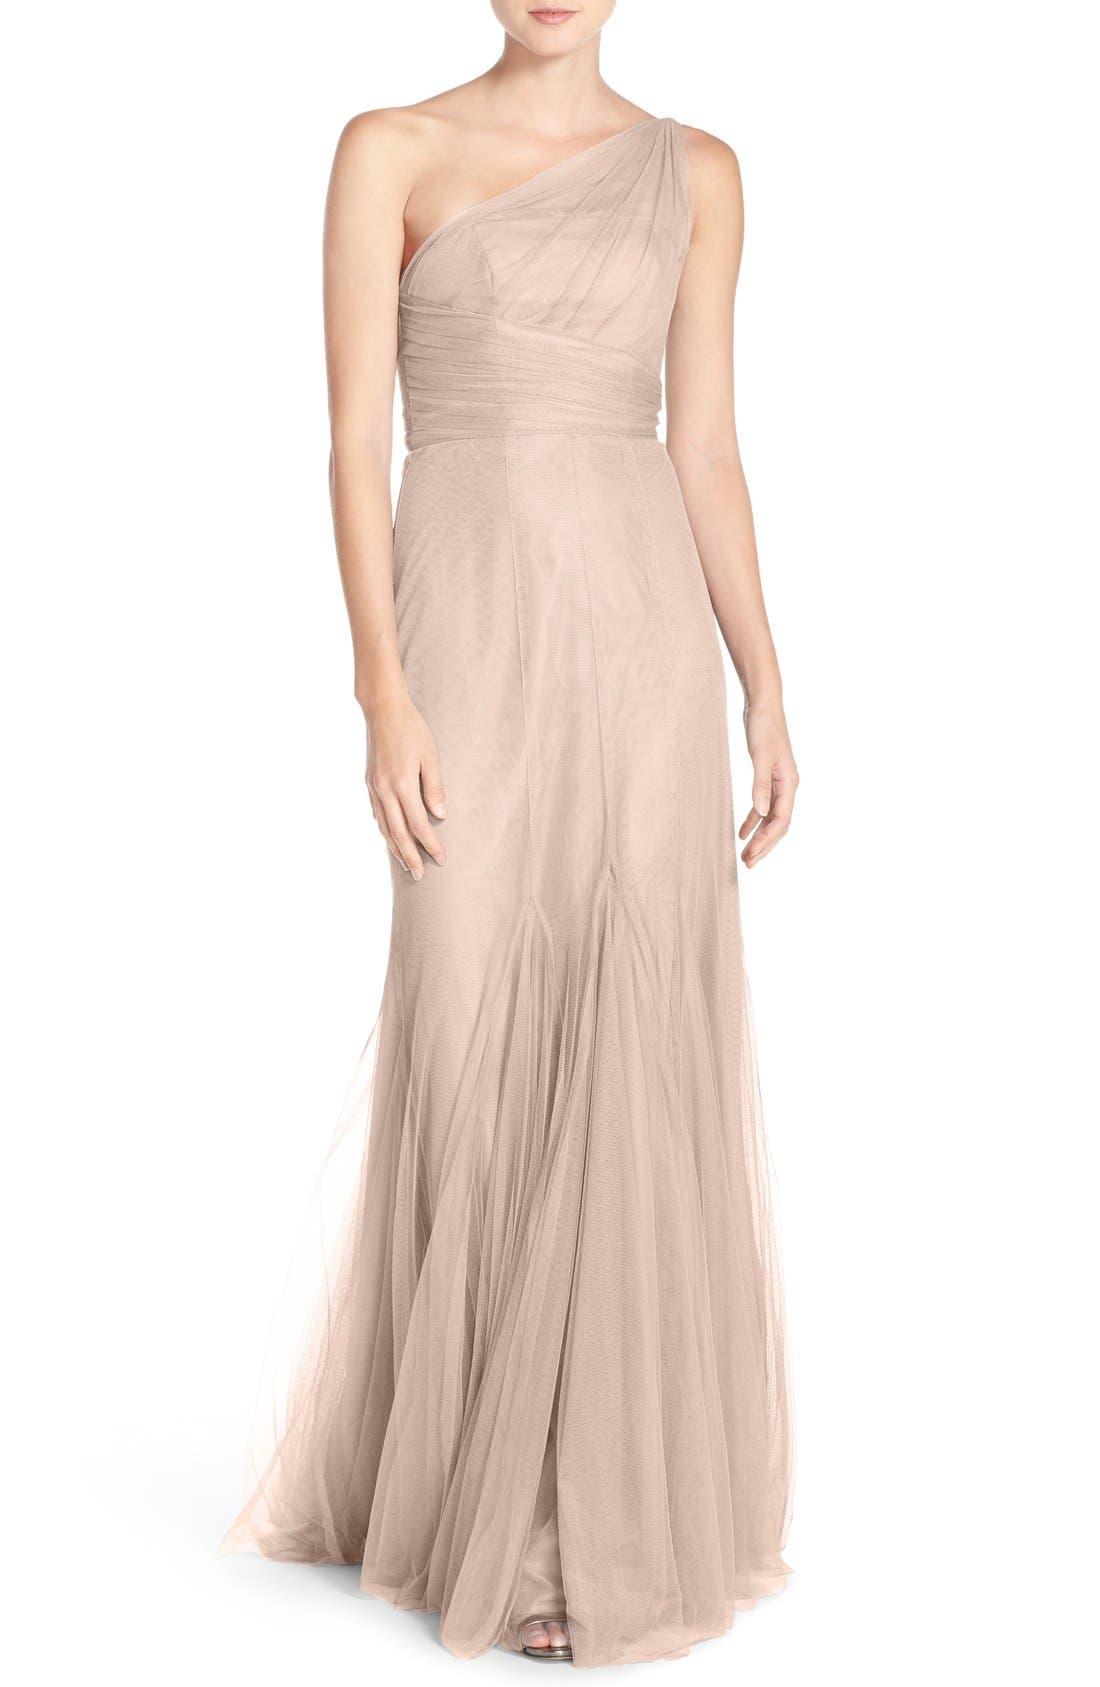 Monique Lhuillier Bridesmaids One-Shoulder Tulle Trumpet Gown